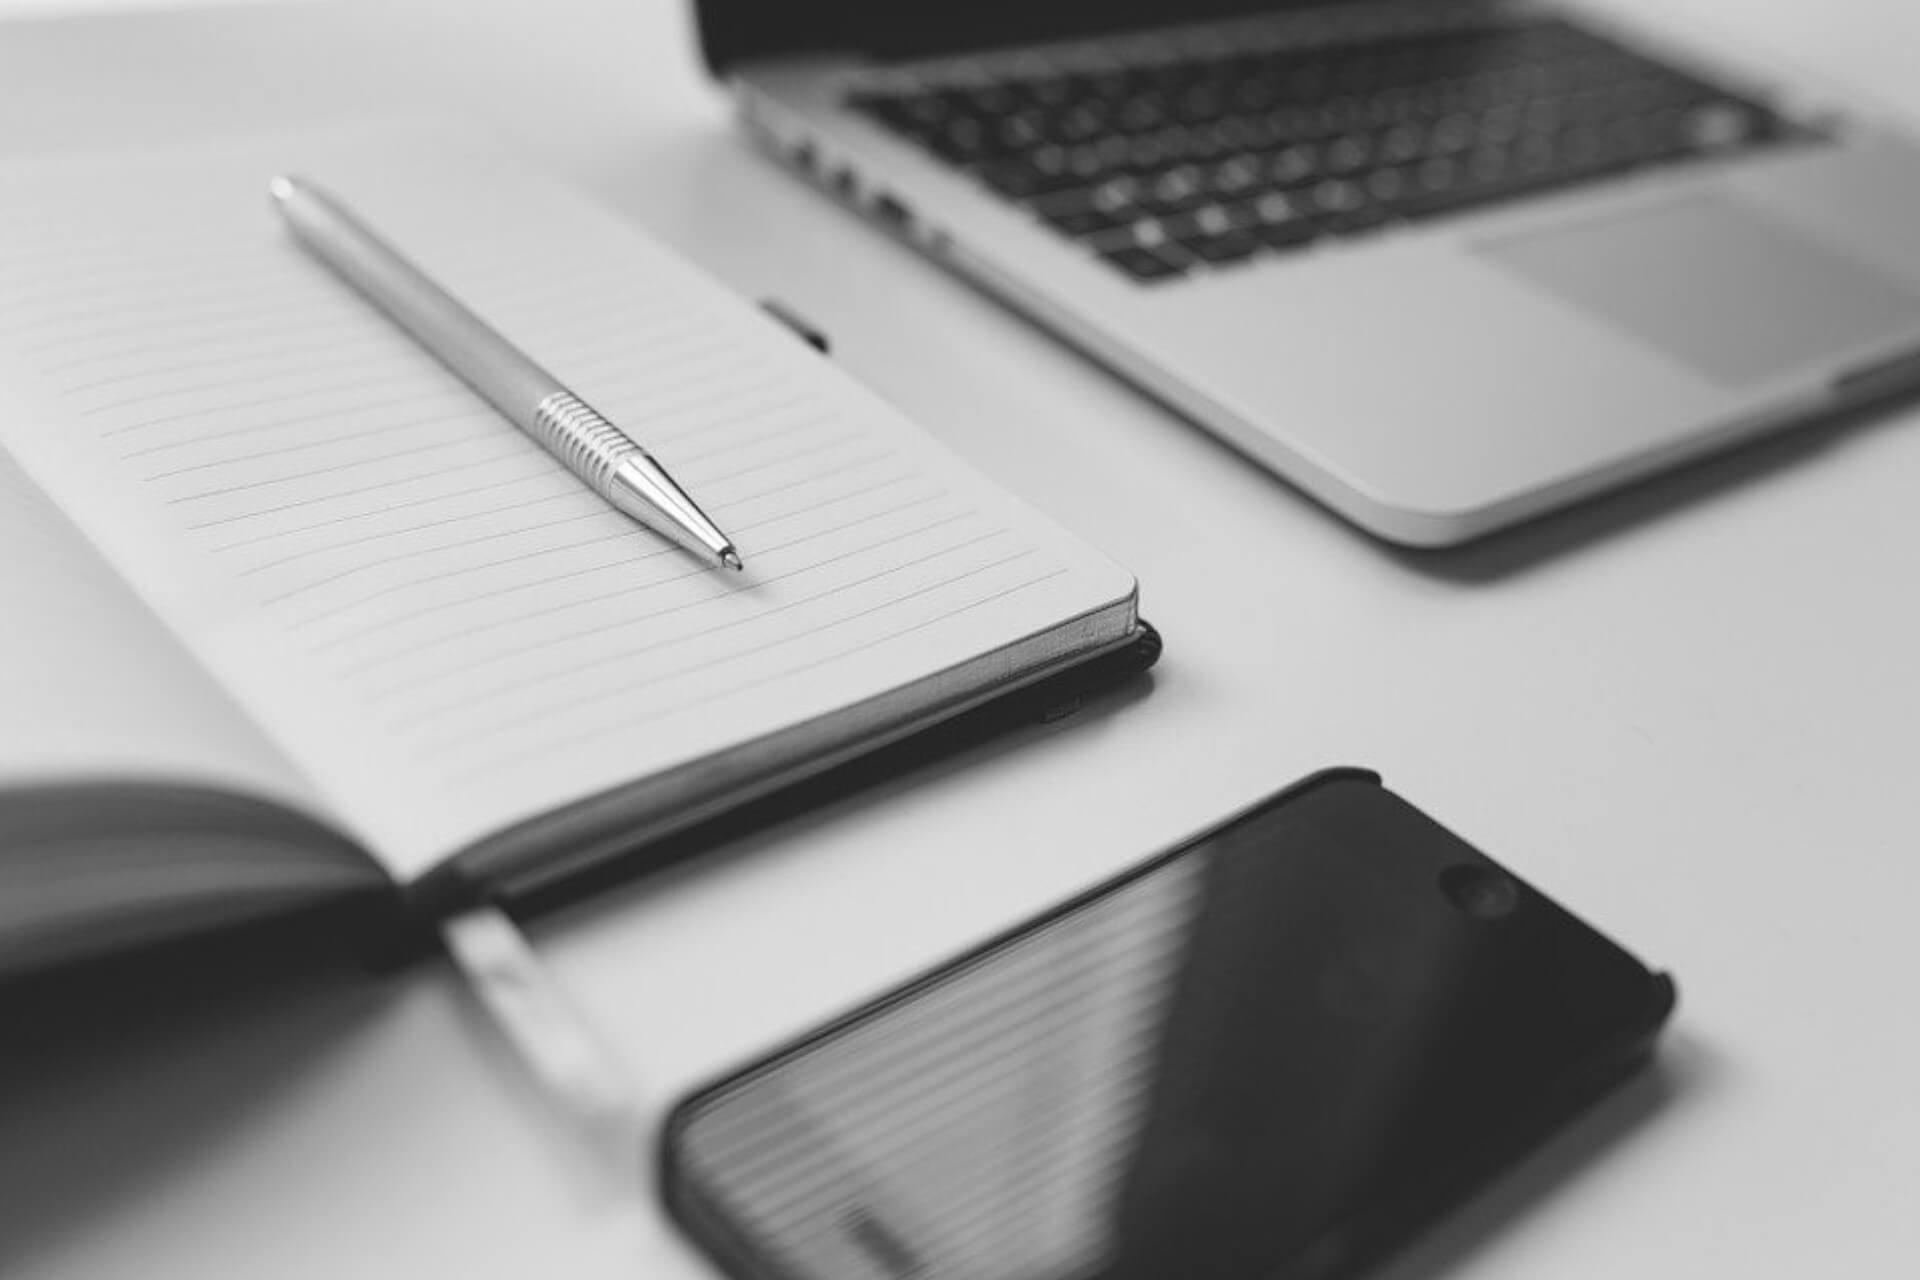 Les cours d'anglais en ligne : que proposent les écoles de langue et que valent-ils ?